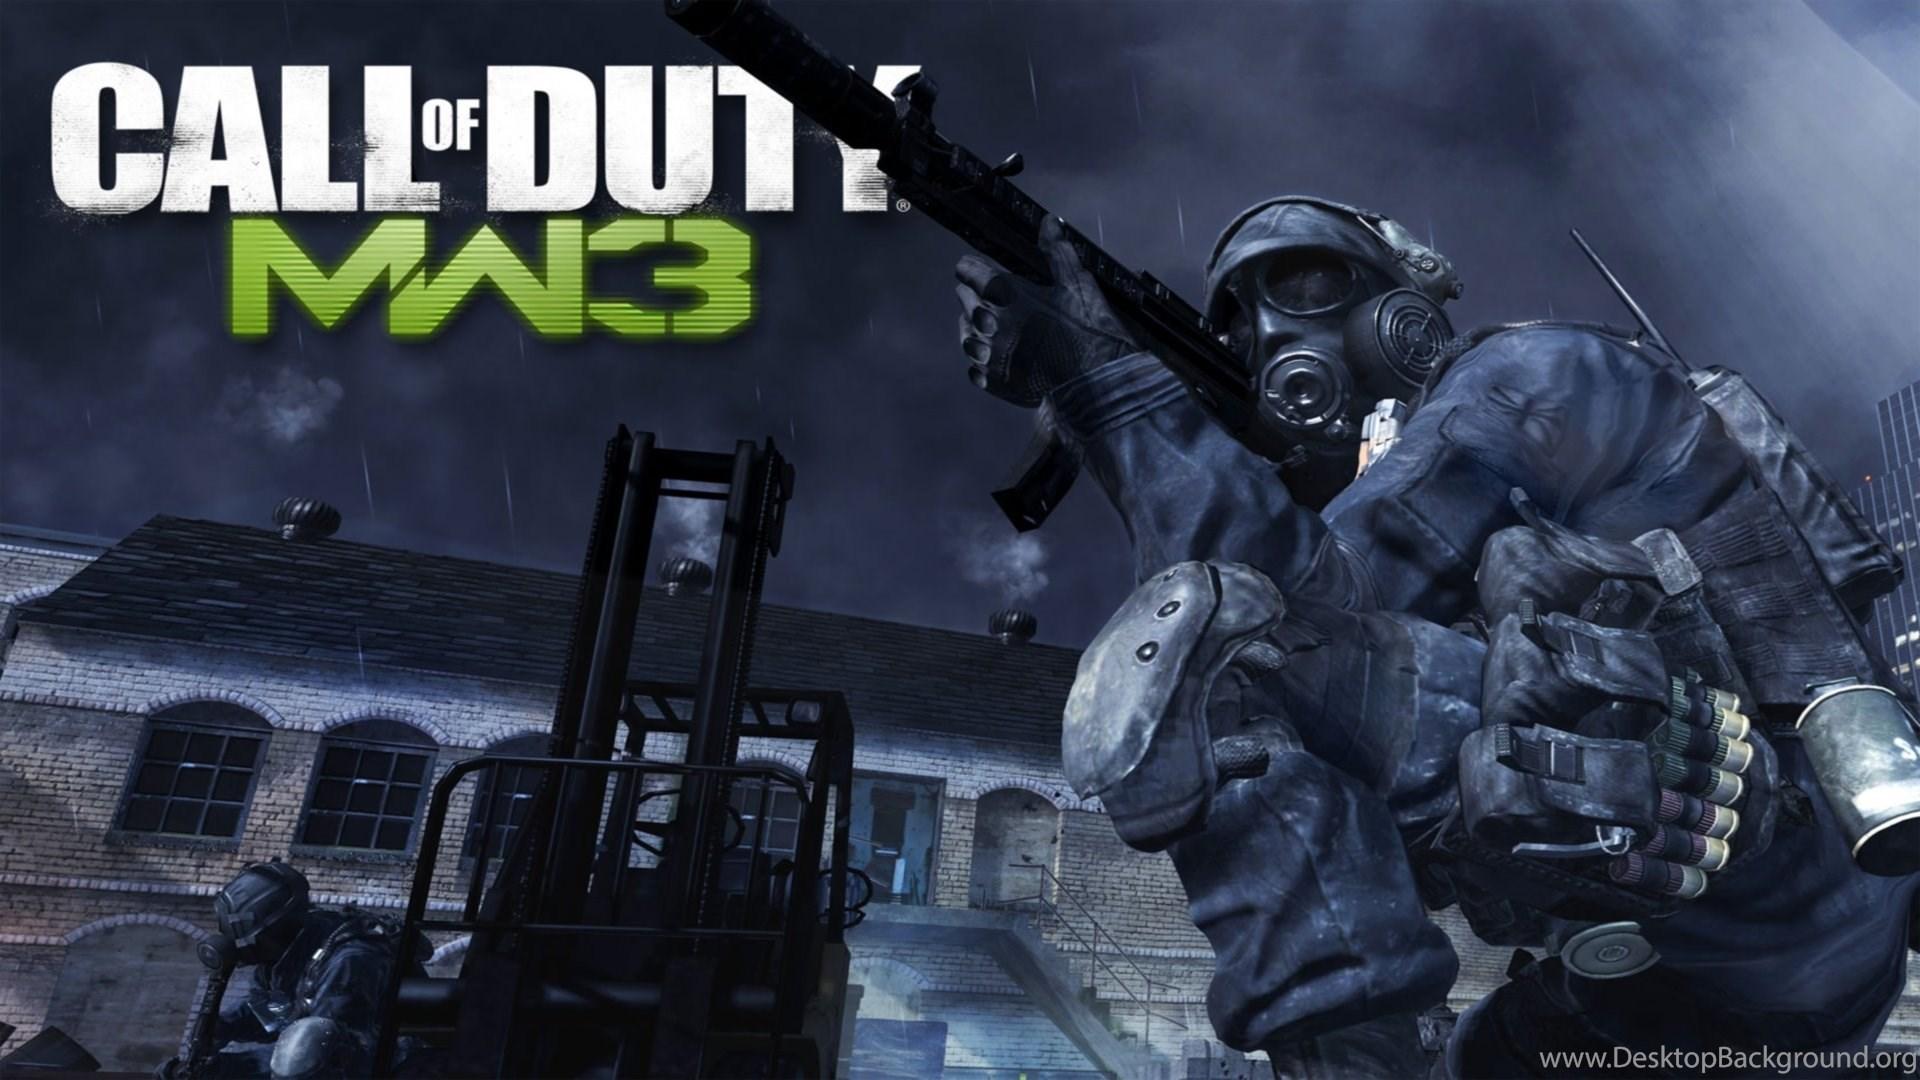 Call Of Duty Modern Warfare 3 Hd Wallpapers Desktop Background